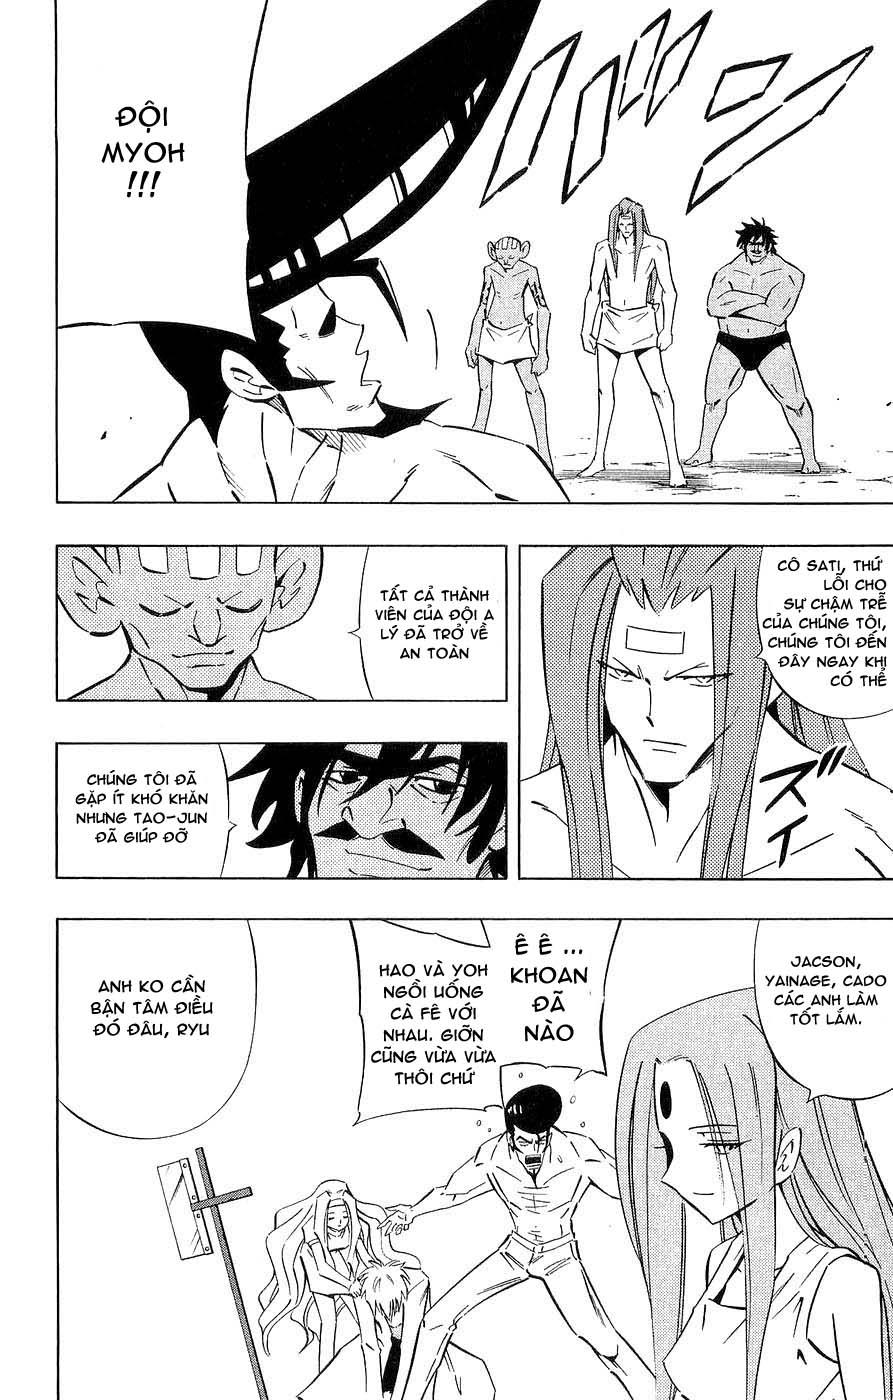 Shaman King [Vua pháp thuật] chap 252 trang 8